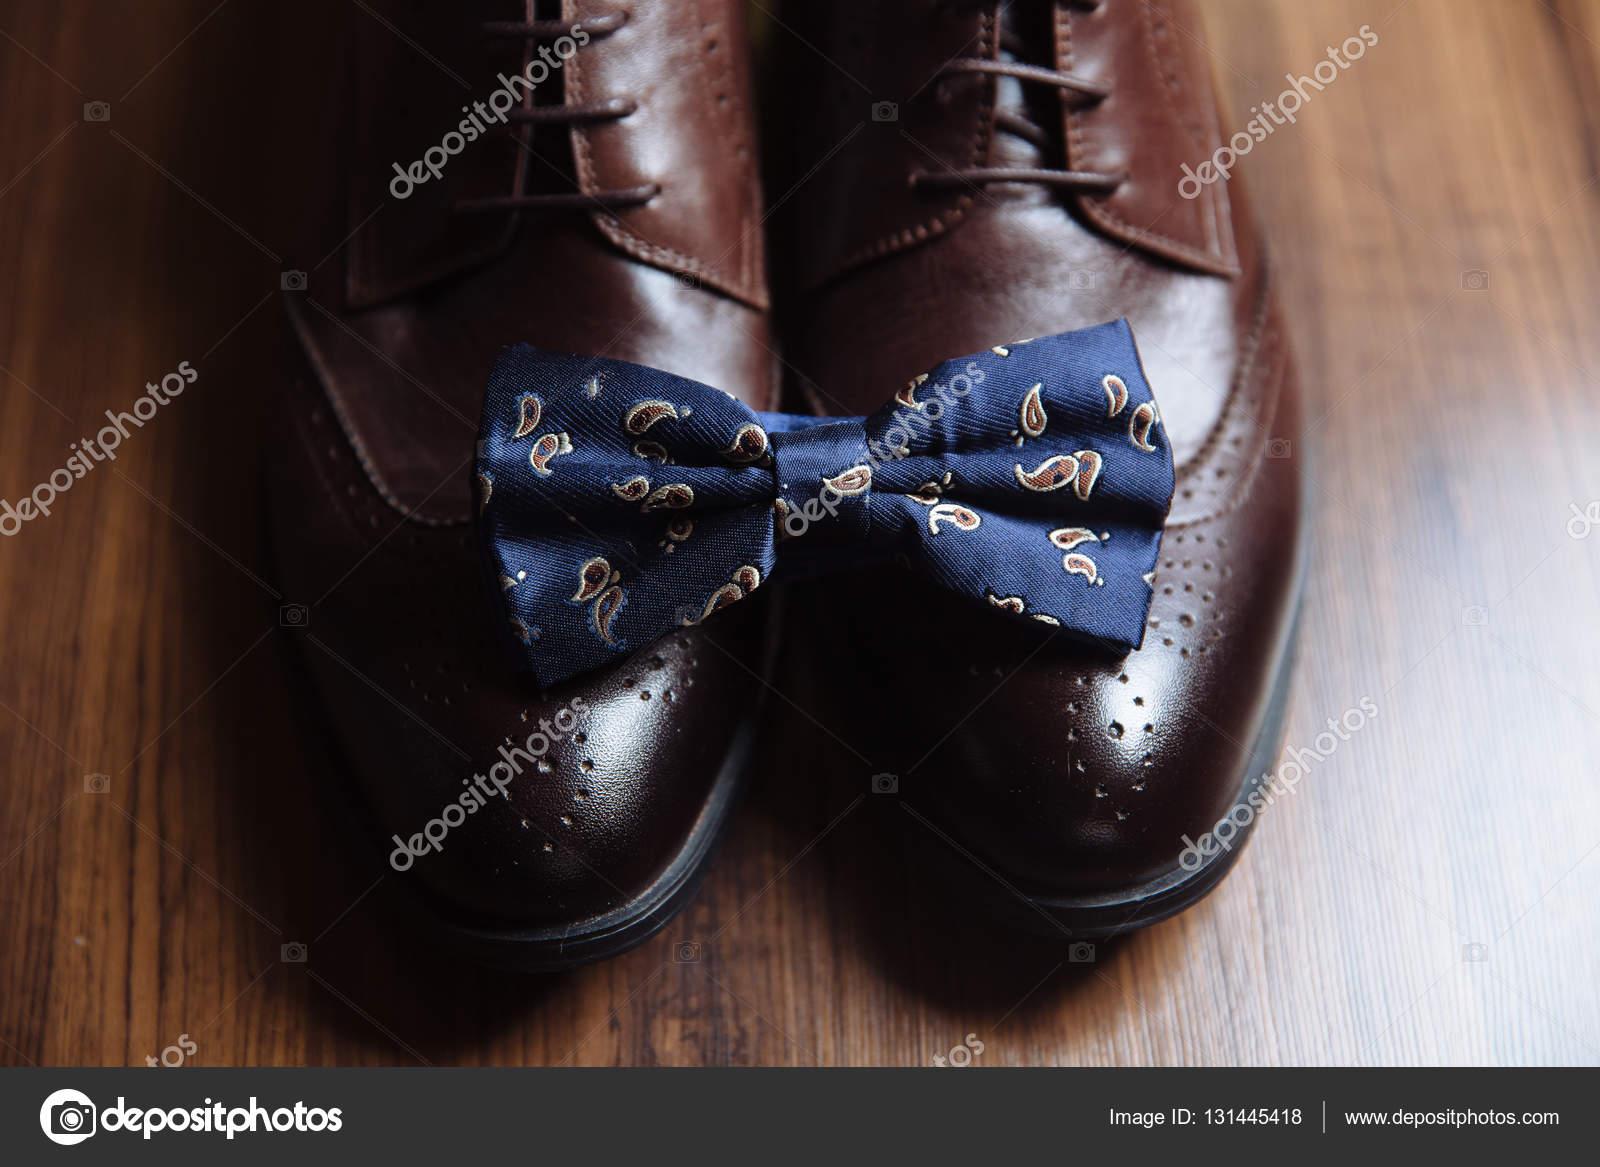 e1995a13f3 Bräutigam Accessoires, Fliege, Schuhe, Riemen auf dem Tisch. Konzept der  Gentleman-